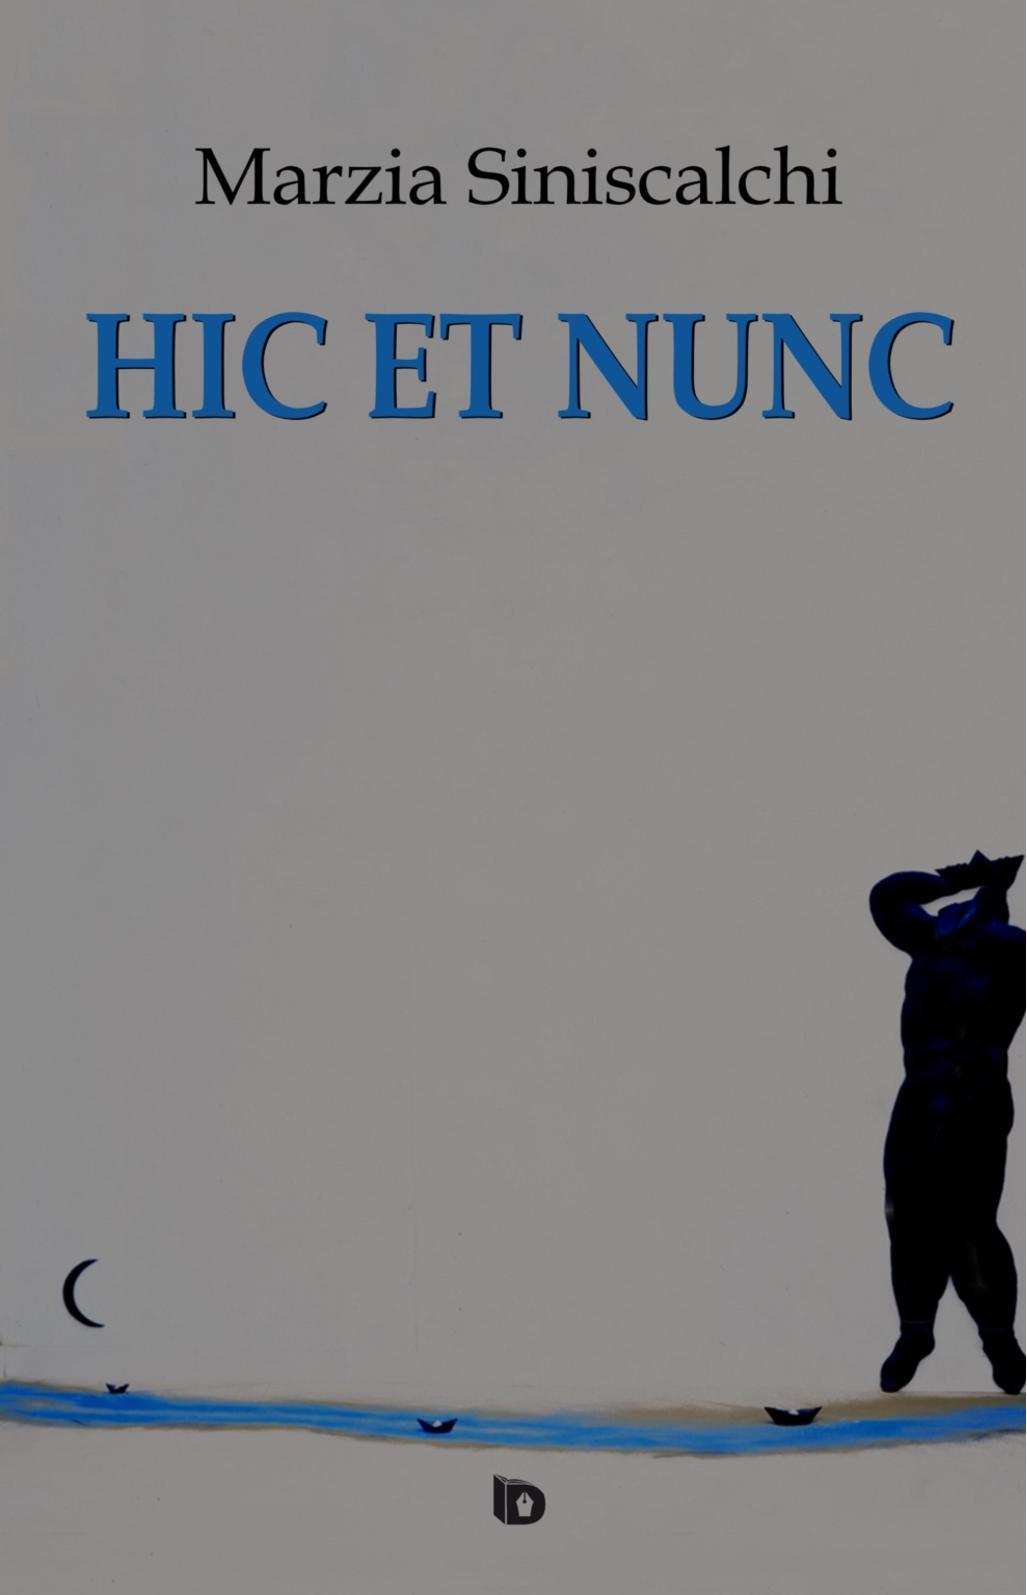 """Poesie: """"Hic et nunc"""" di Marzia Siniscalchi"""